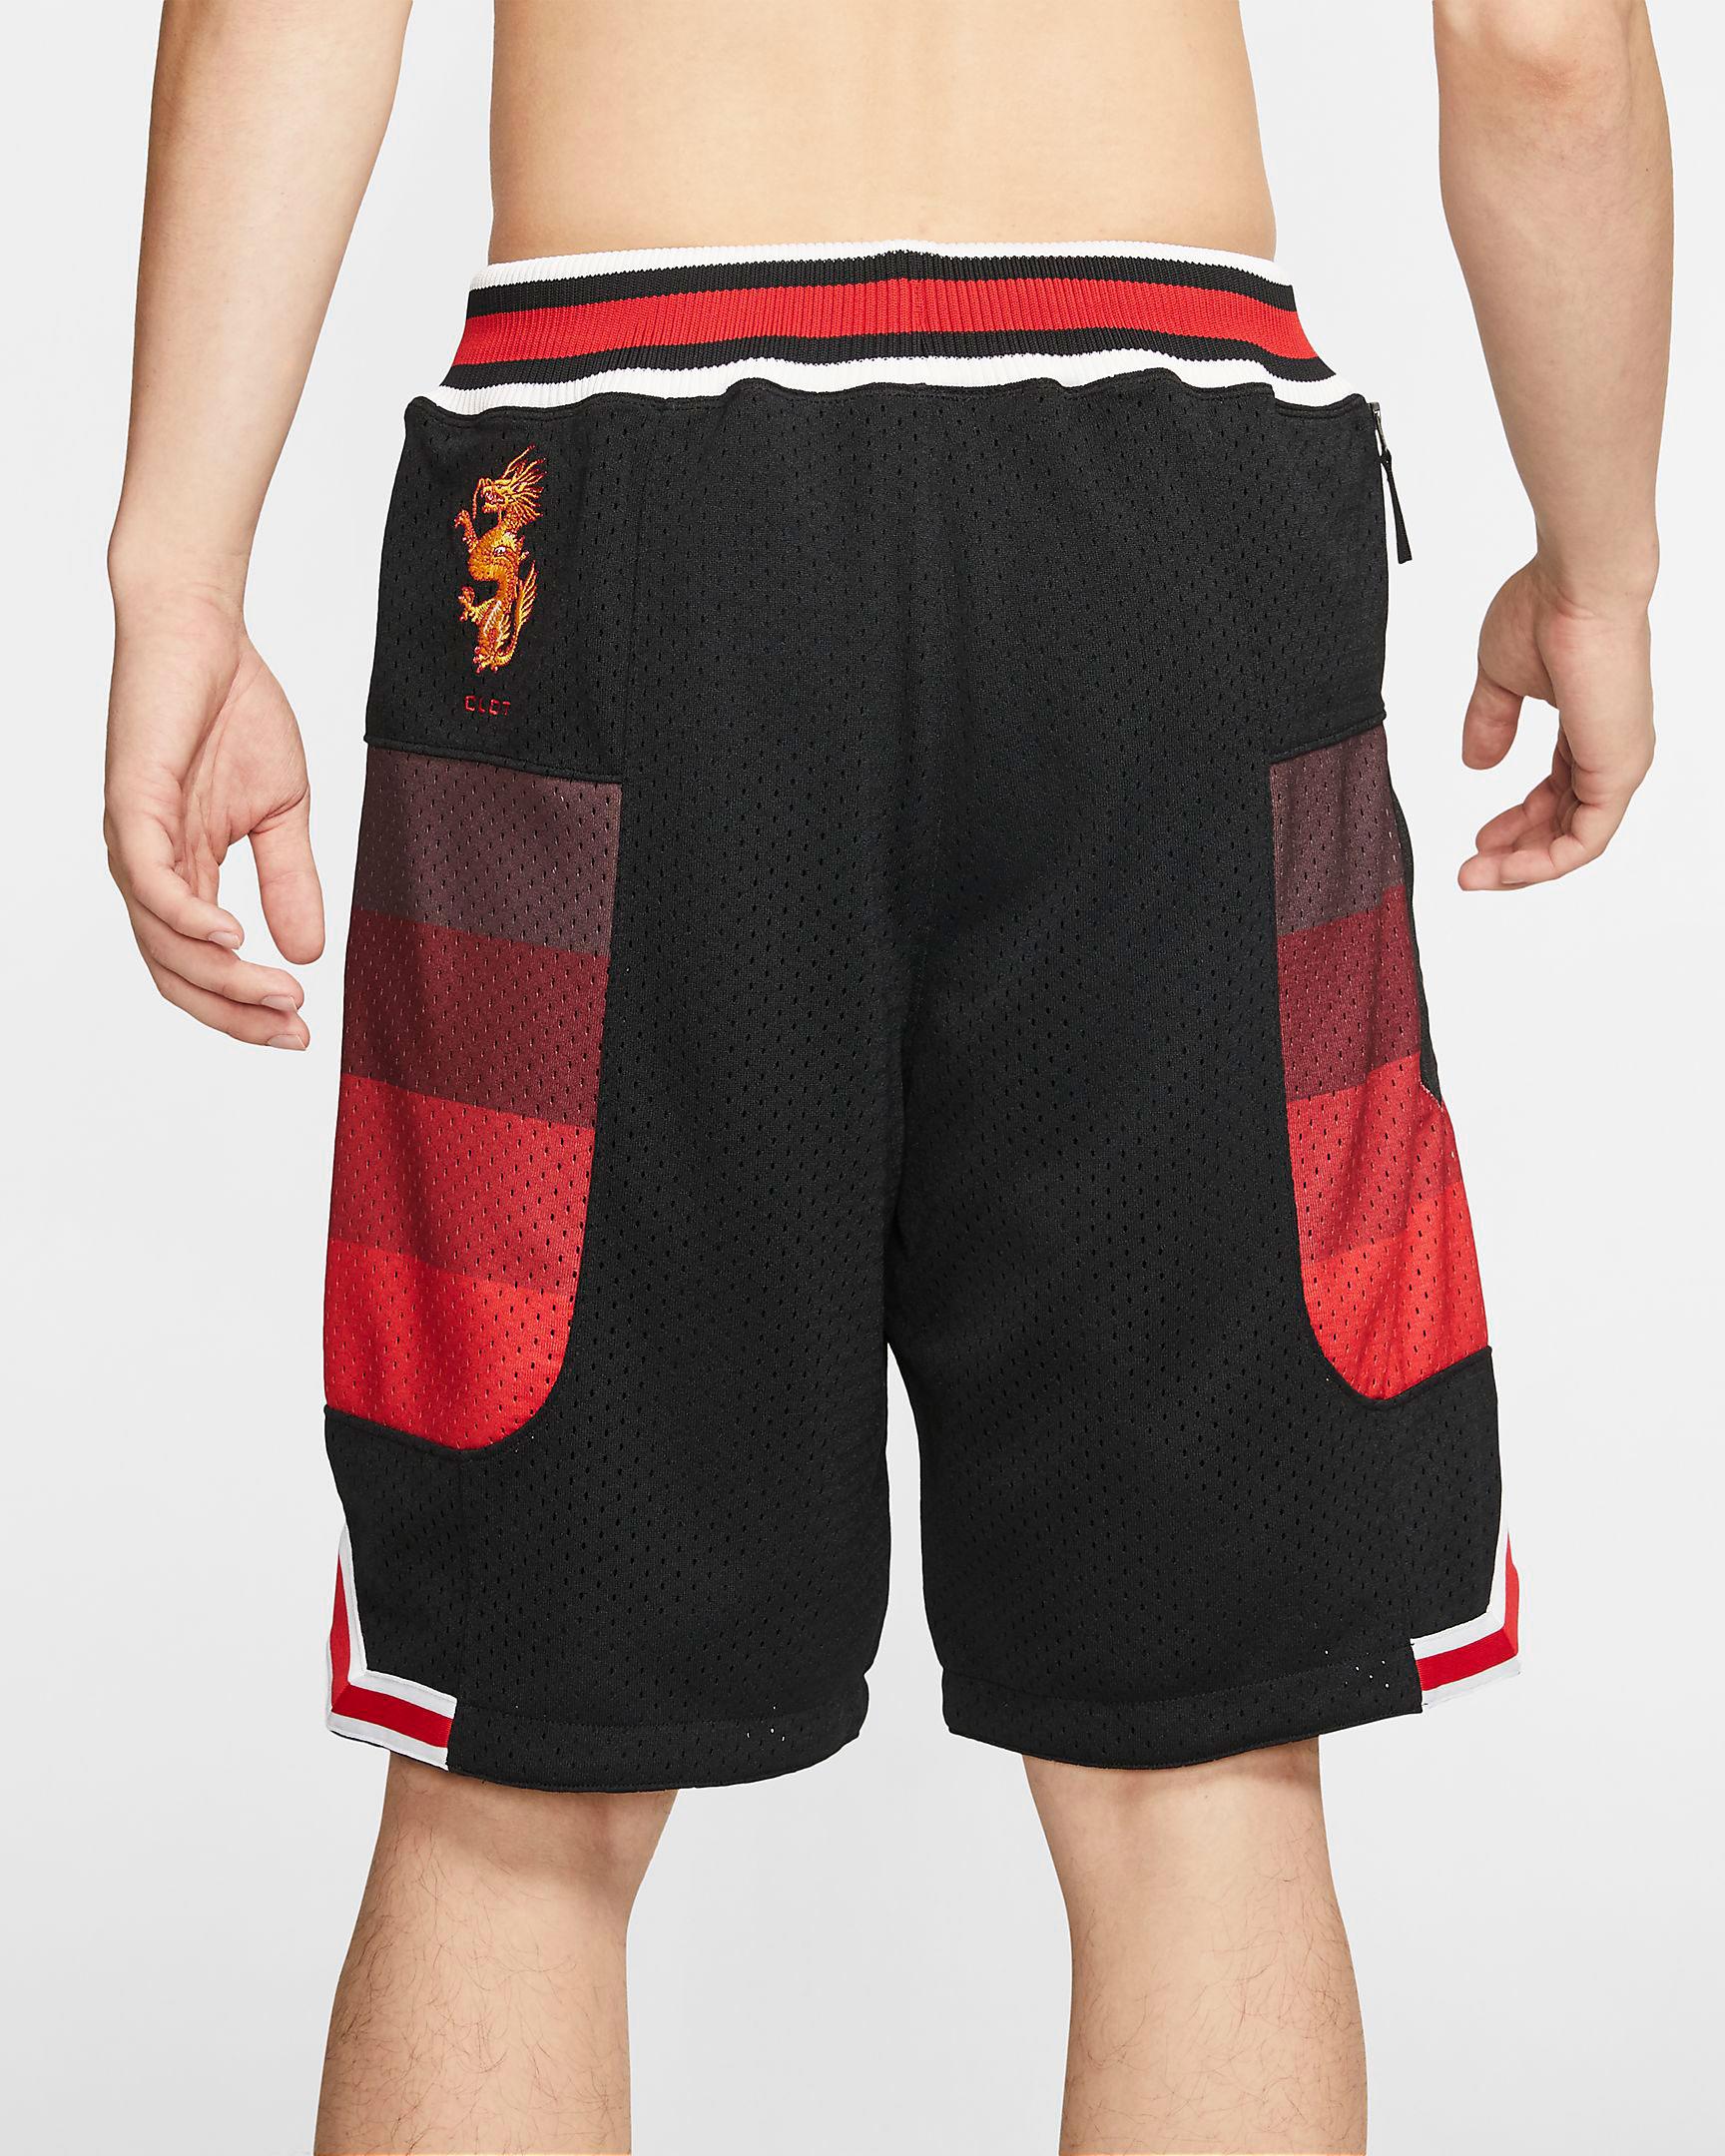 clot-air-jordan-1-mid-fearless-shorts-2